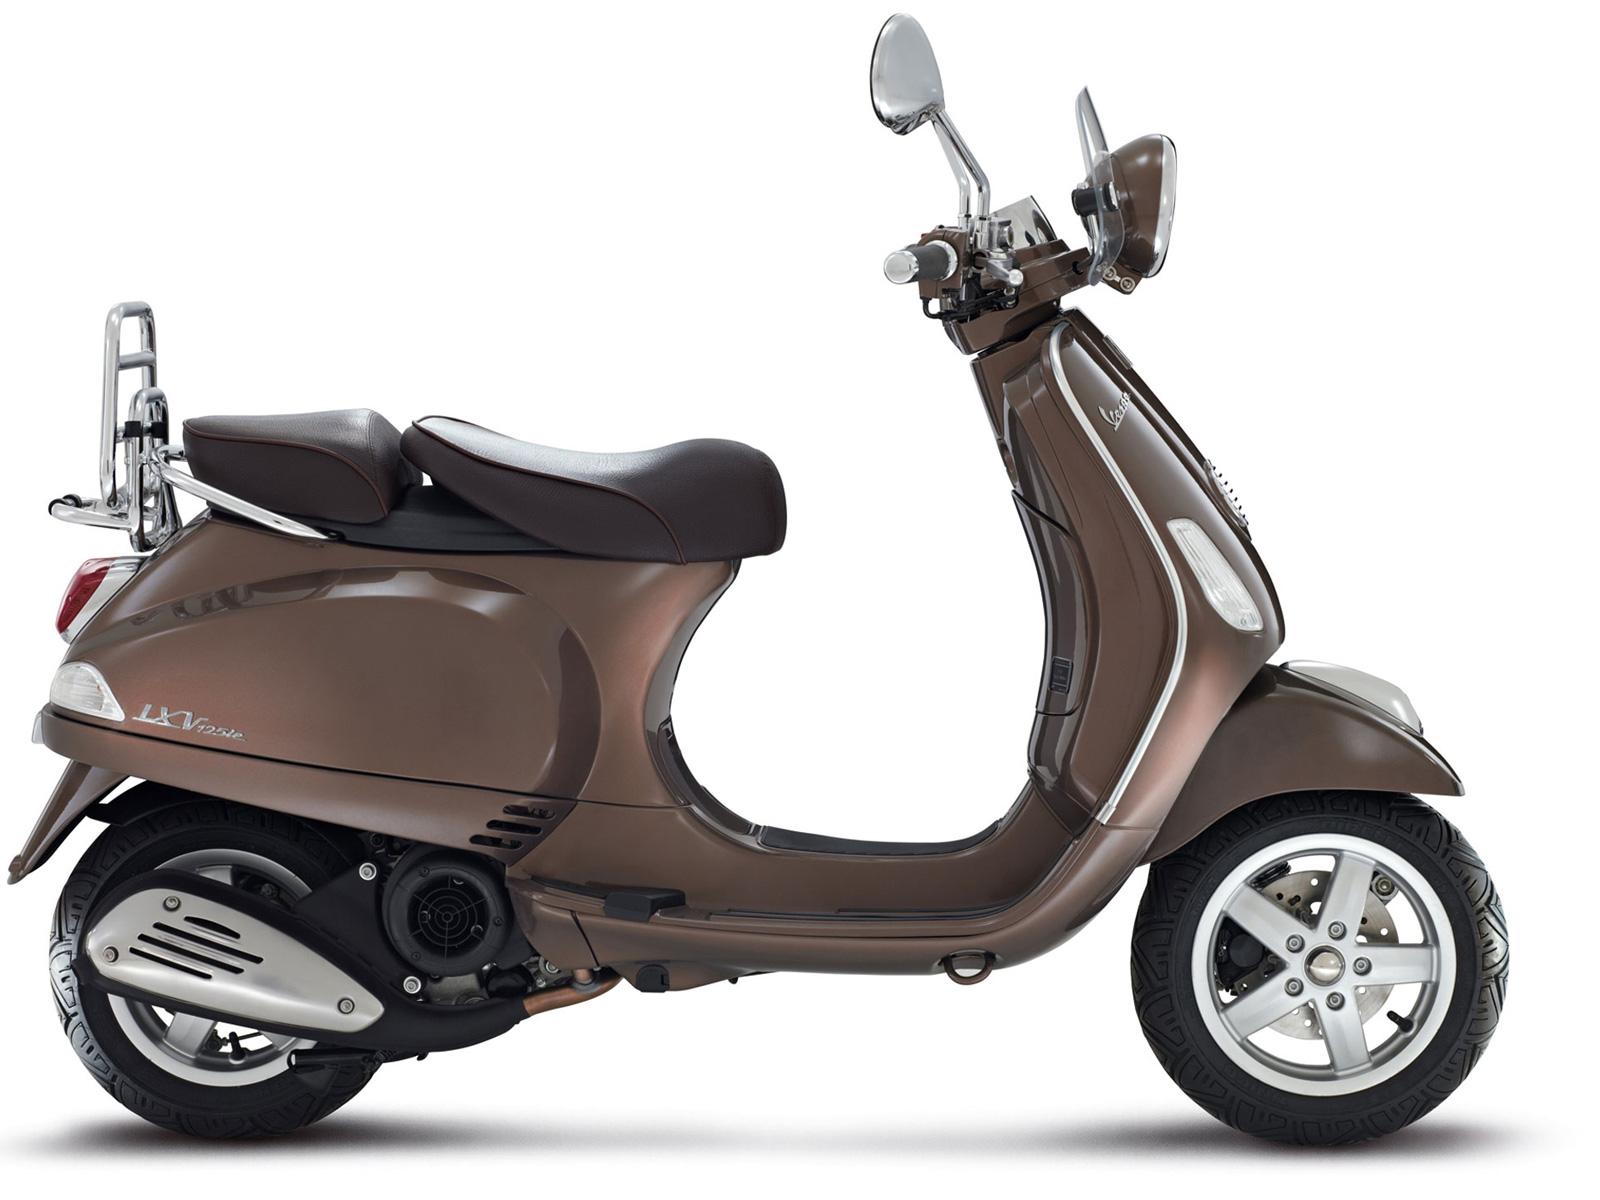 Vespa-LX-Touring-2012-Picture-03